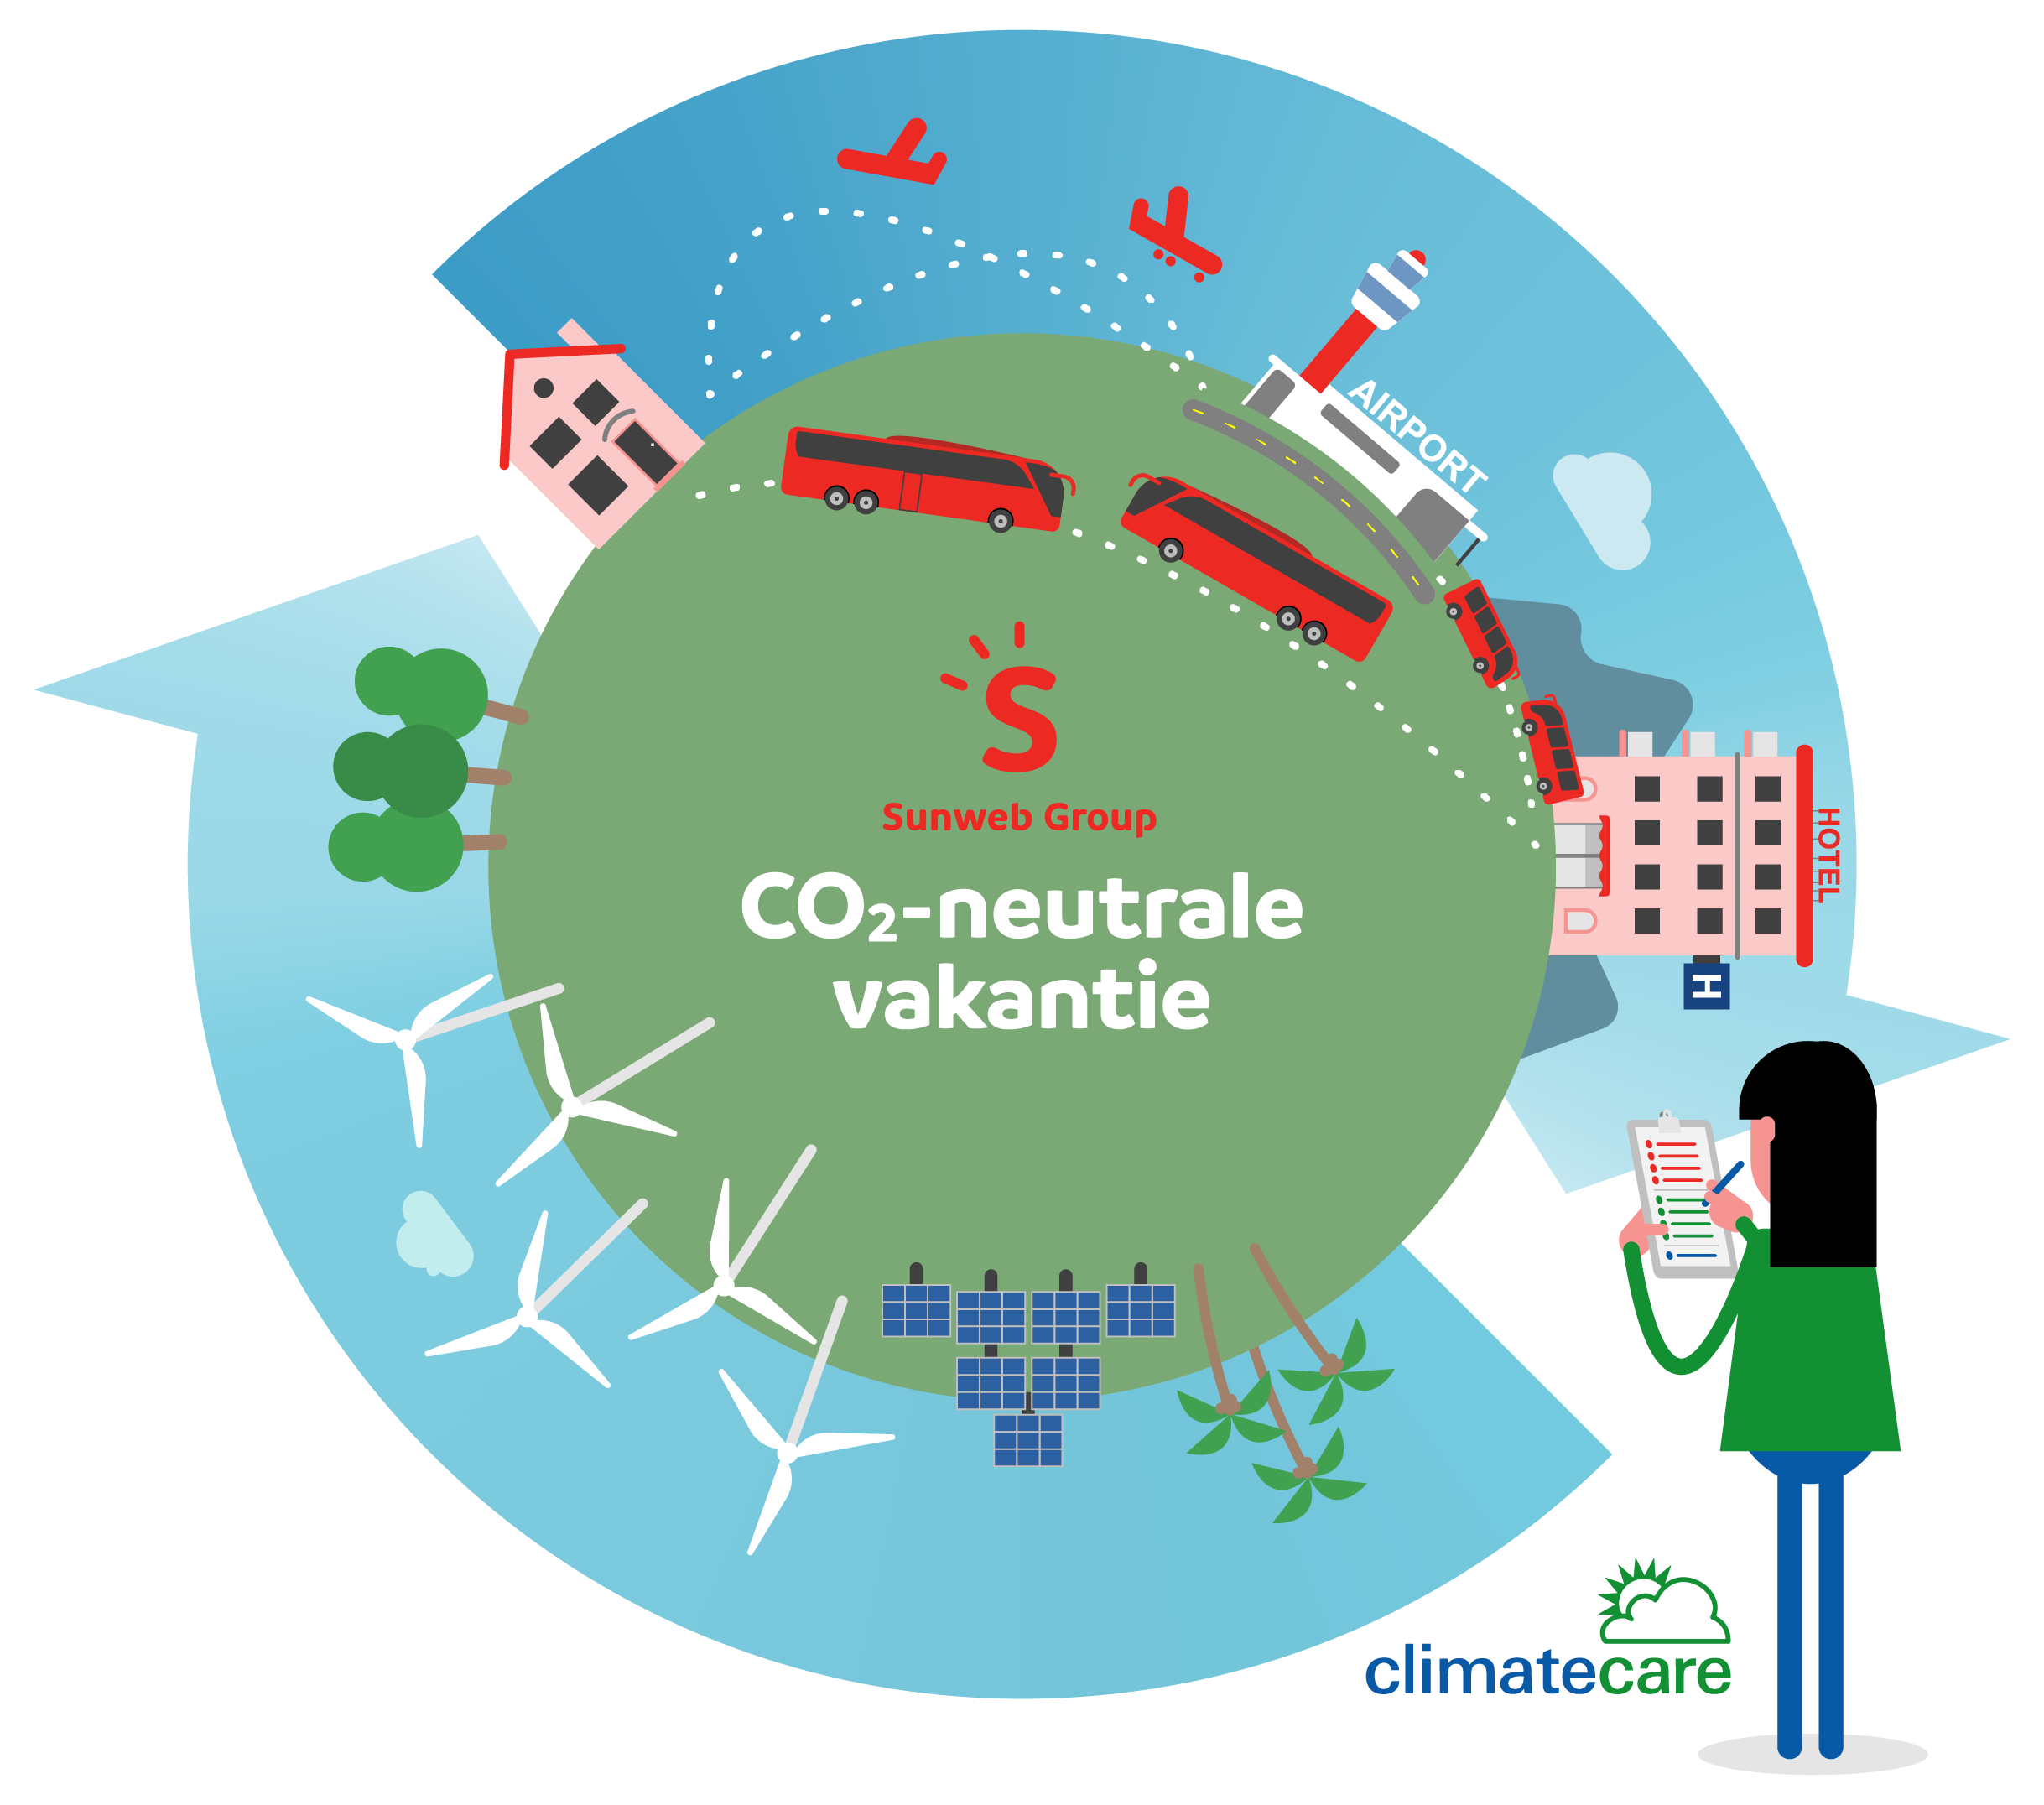 Sunweb CO2-neutraal